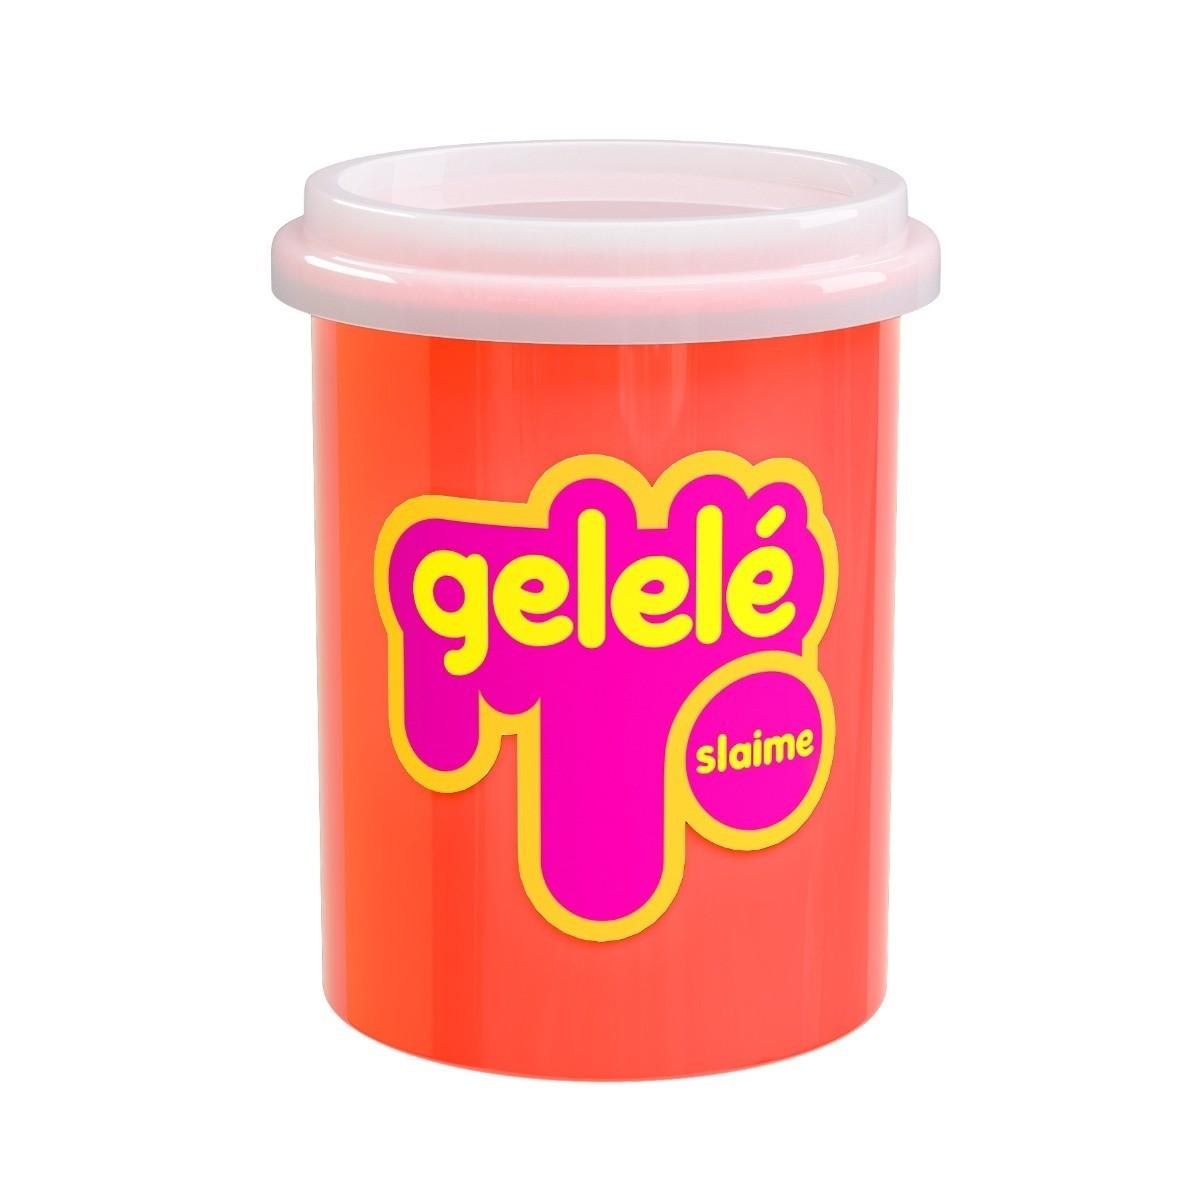 Kit Massinha Gelelé Slime c/ 2 Potes 152 g - Sortidos - Doce Brinquedos